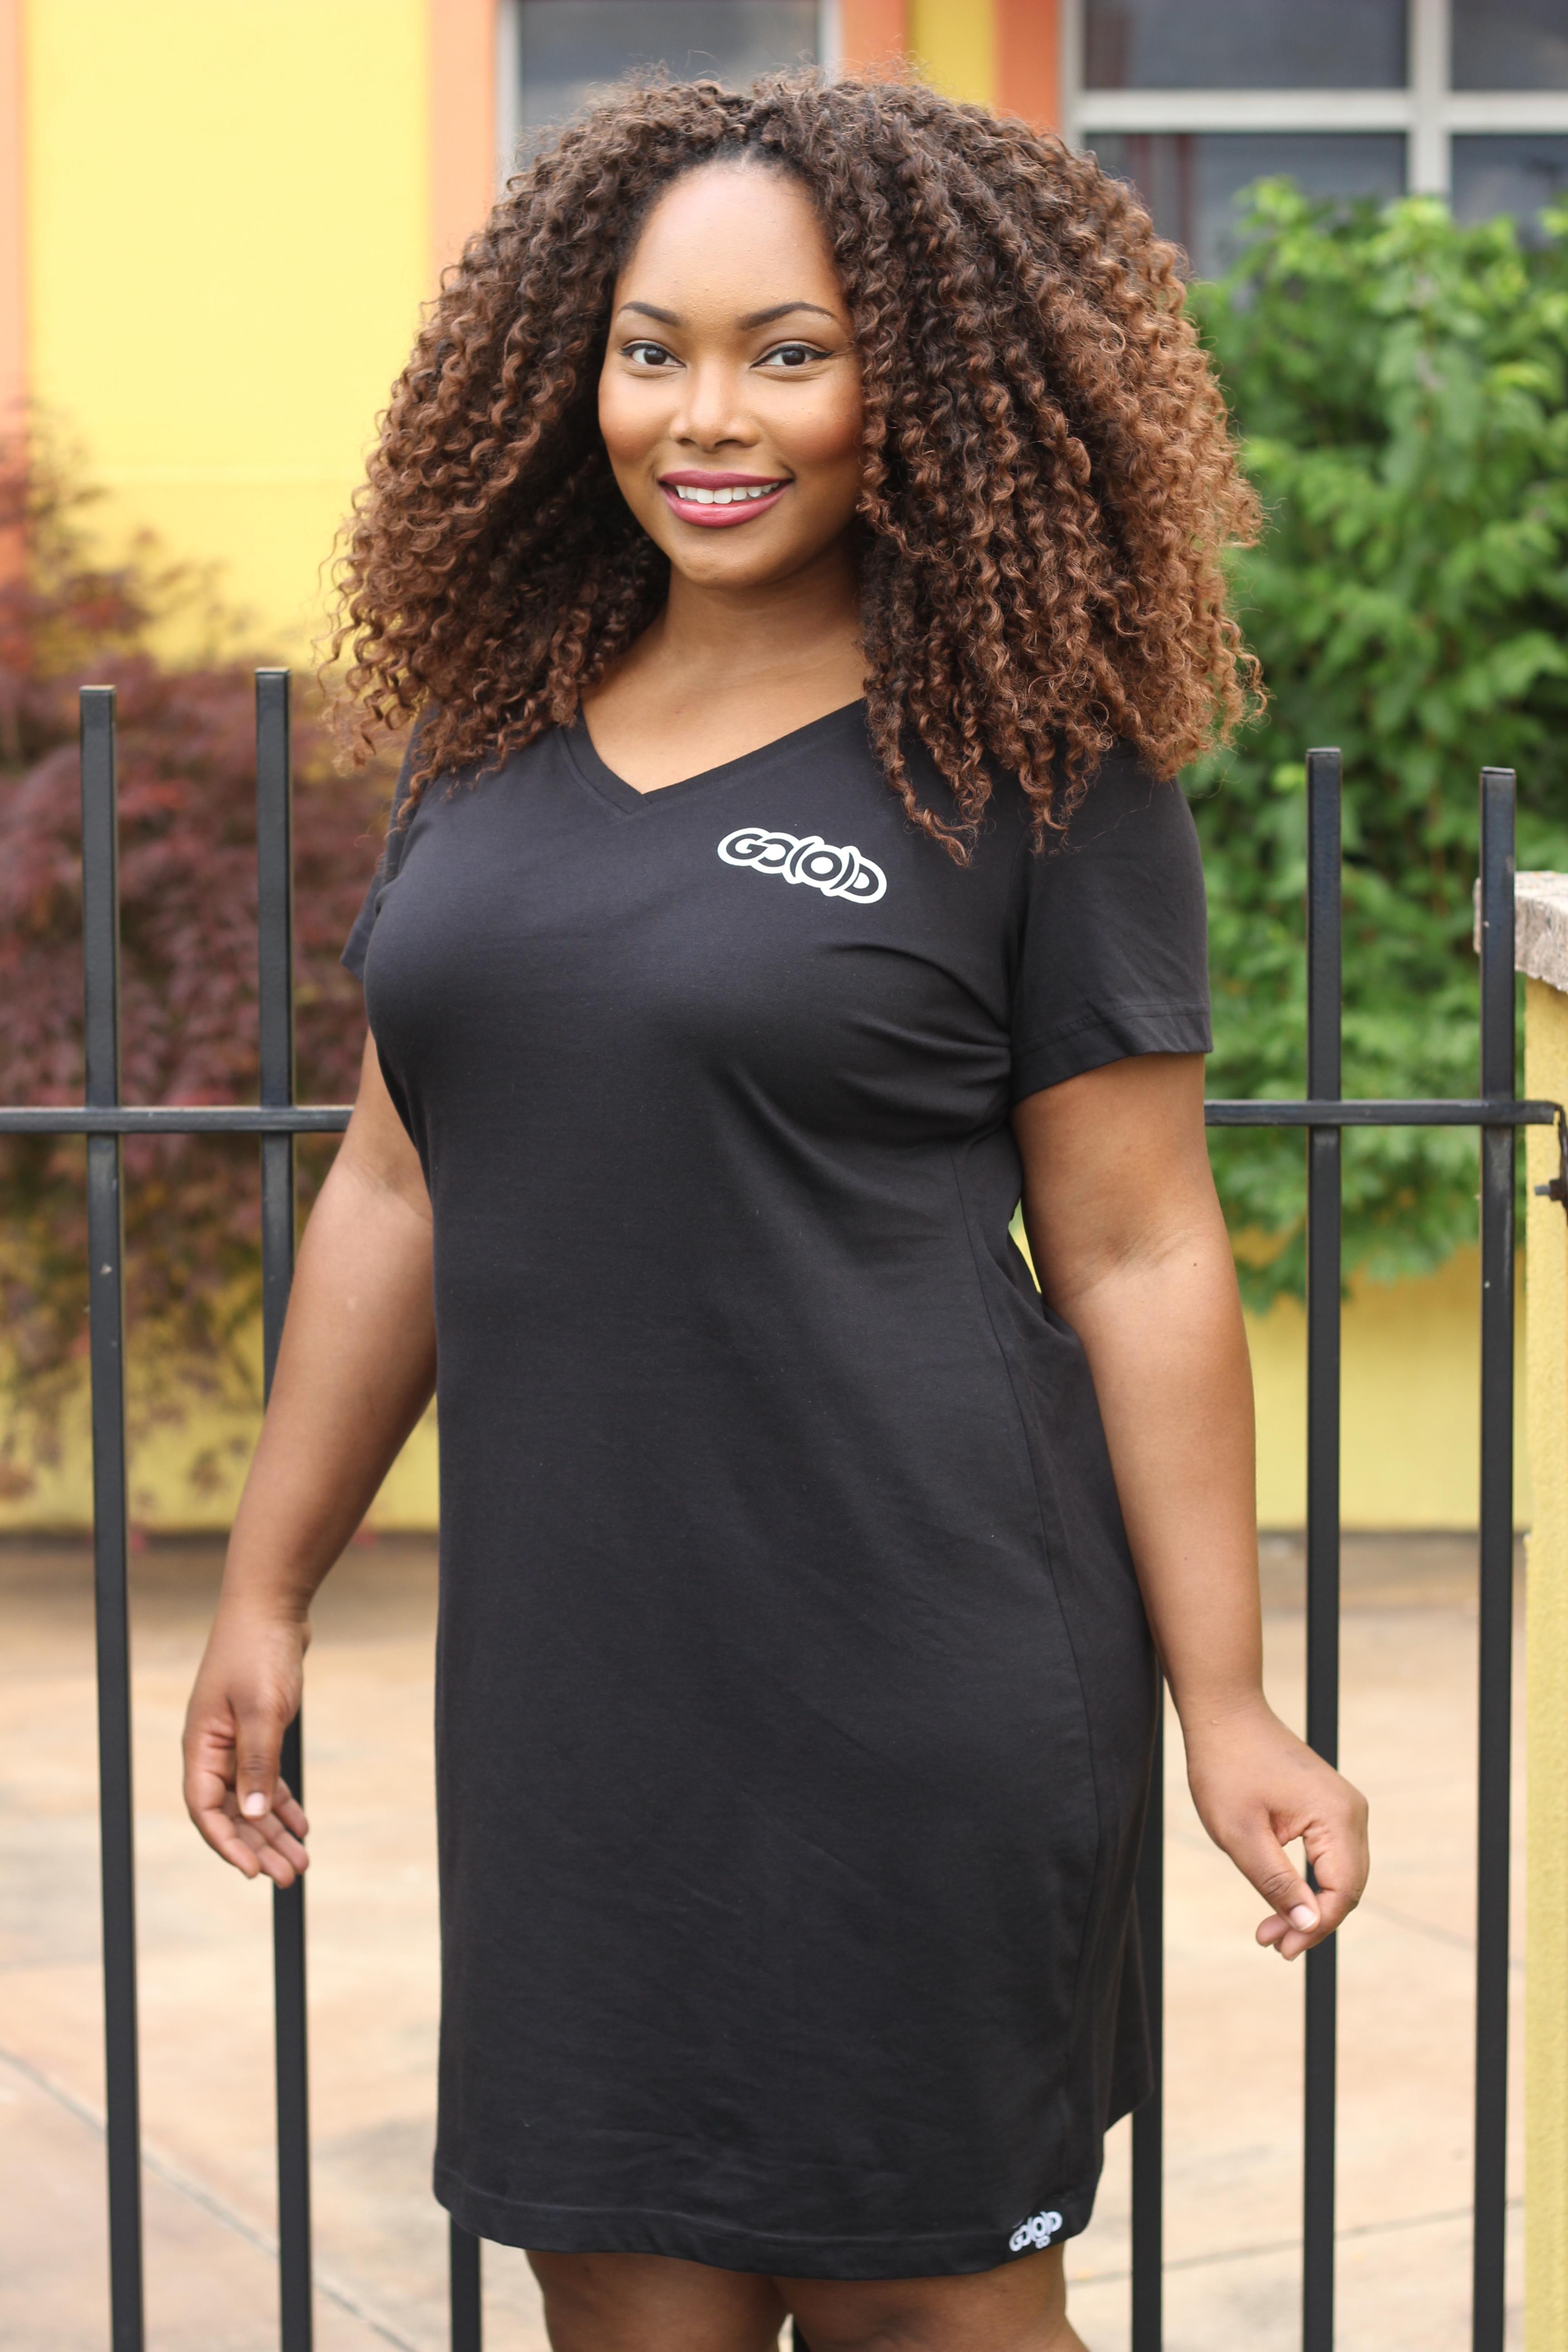 GO(O)D t-shirt dress-black 00065